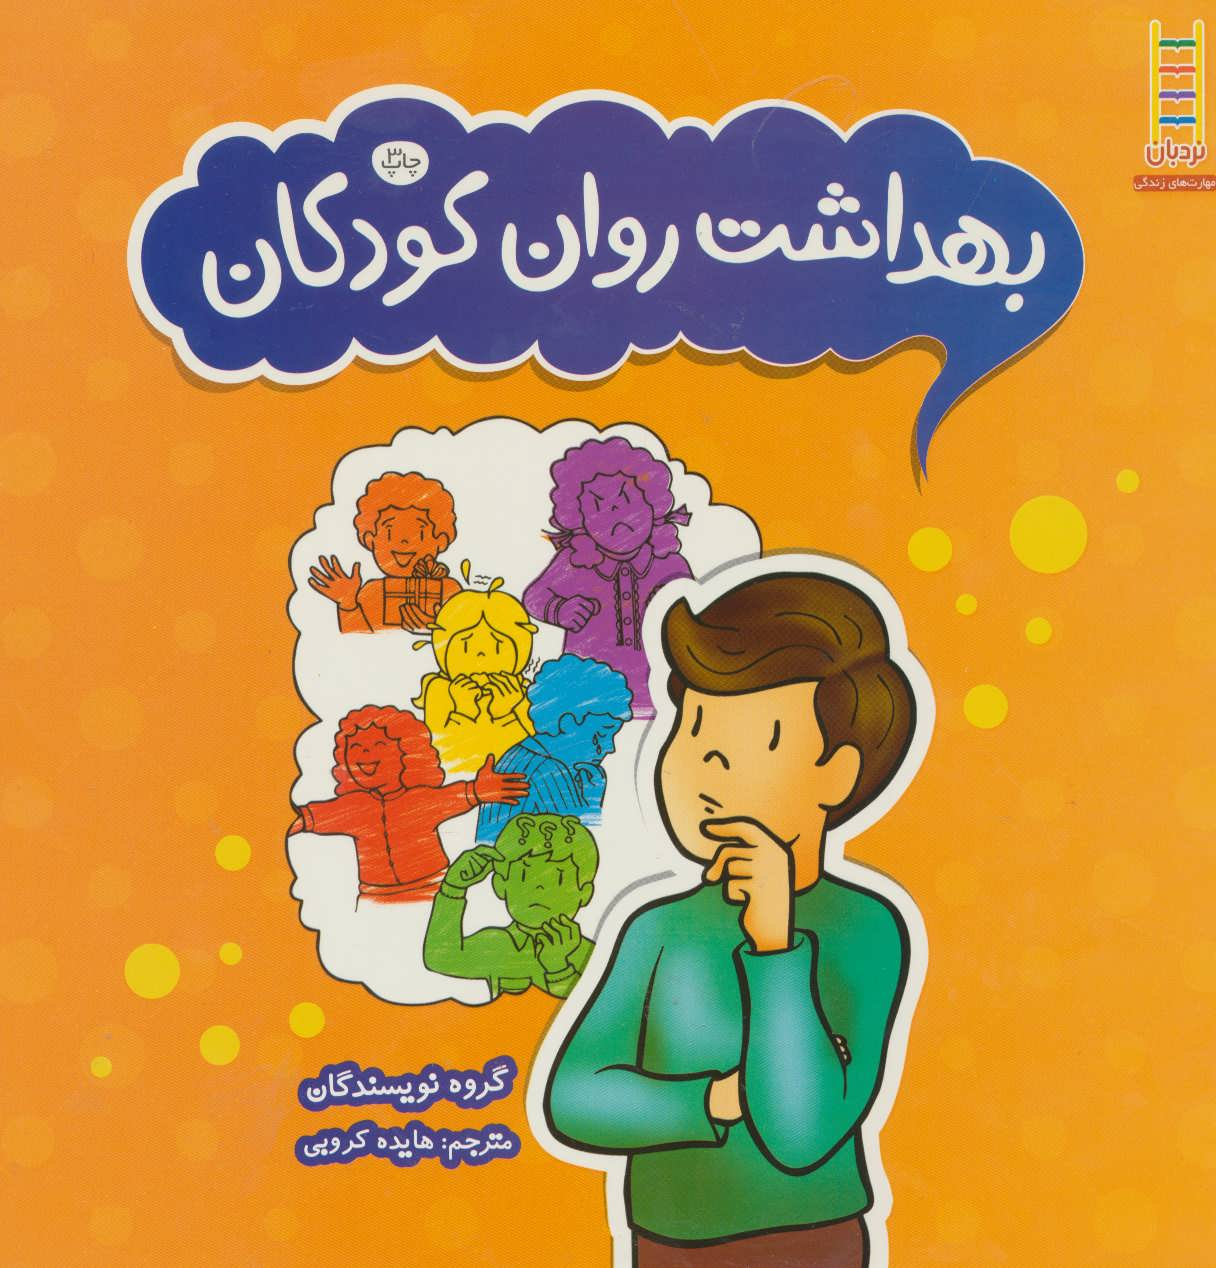 کتاب بهداشت روان کودکان